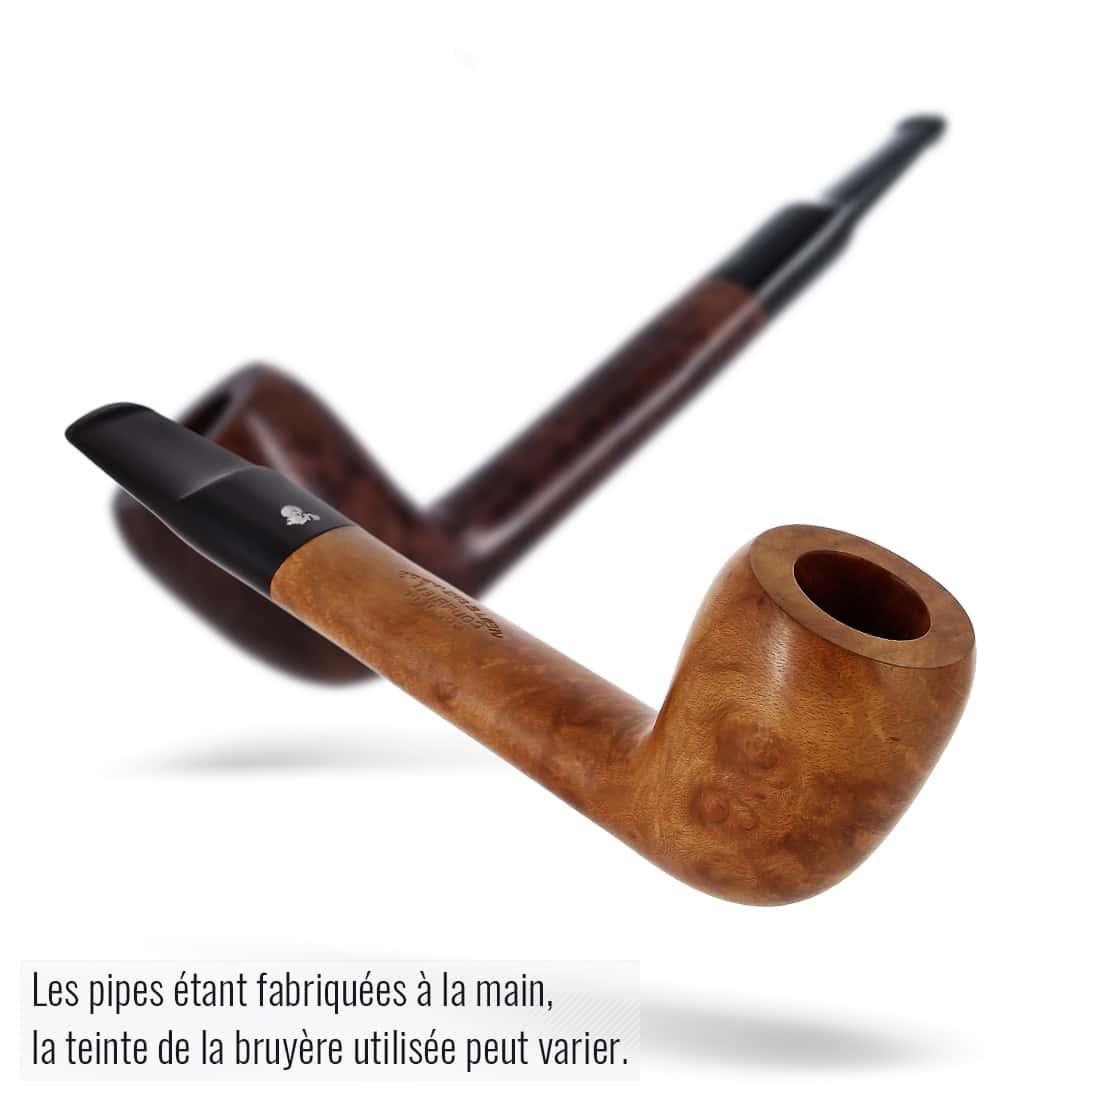 Photo #3 de Pipe de Cogolin Vieille Bruyère Plate Droite